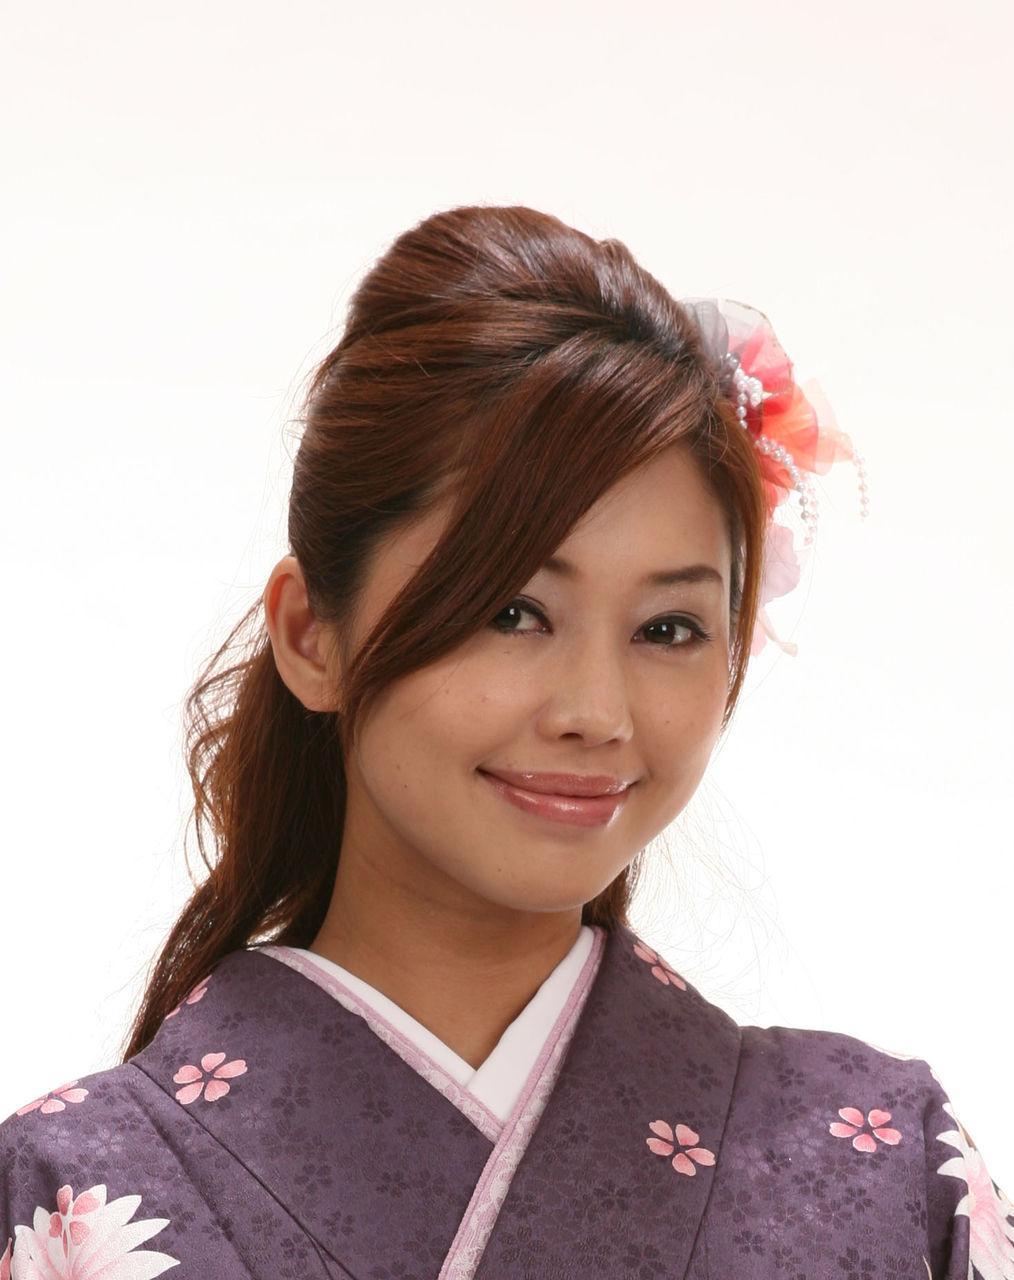 花嫁 髪型 ストレート